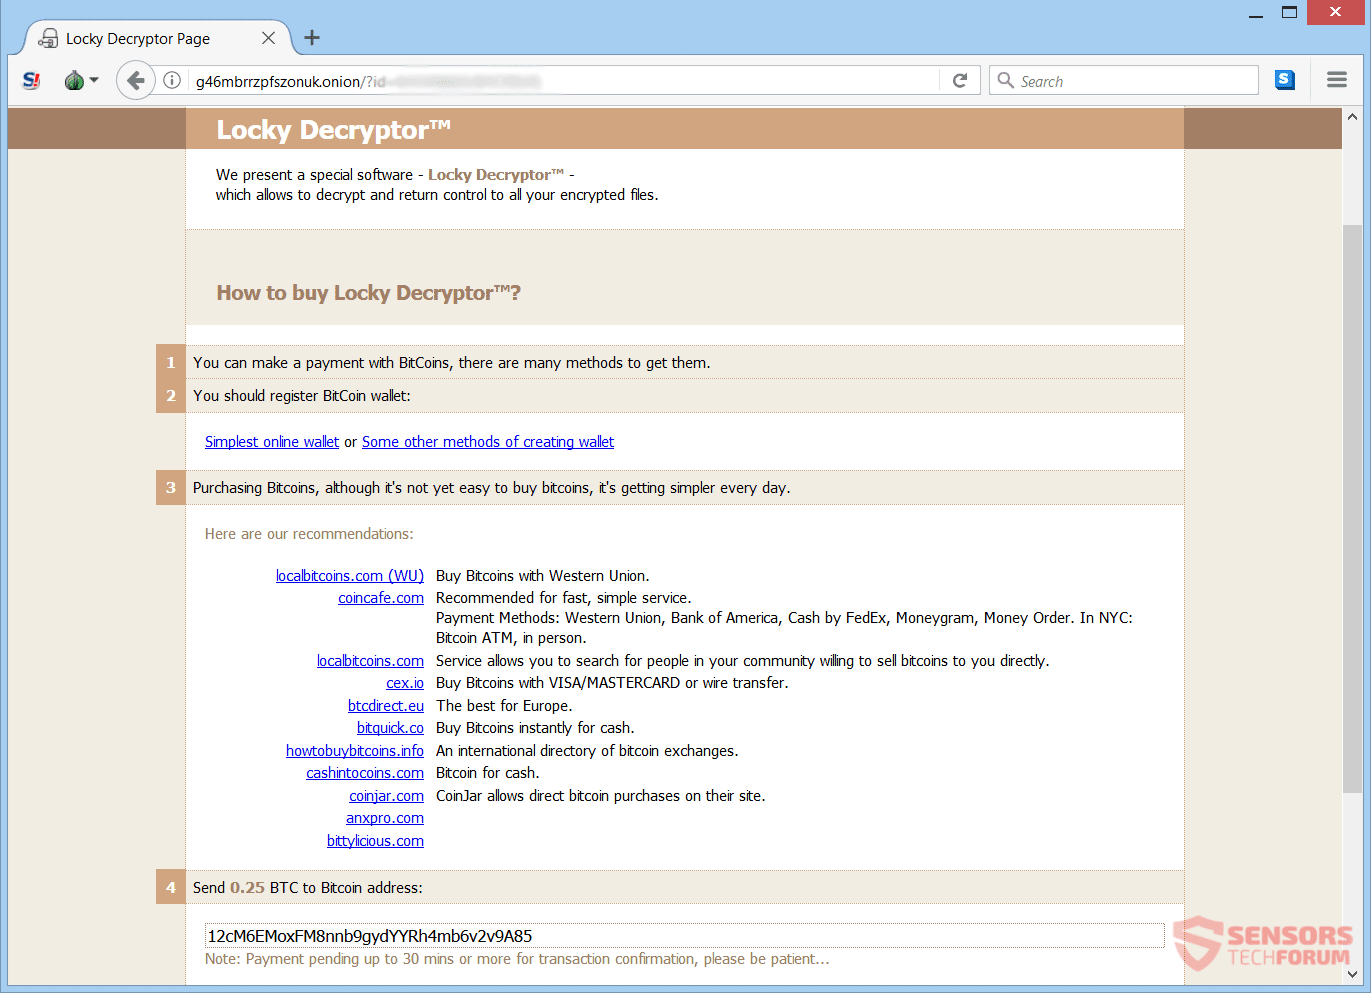 Ykcol archivo de virus (Locky) - Quitarlo y restaurar los archivos